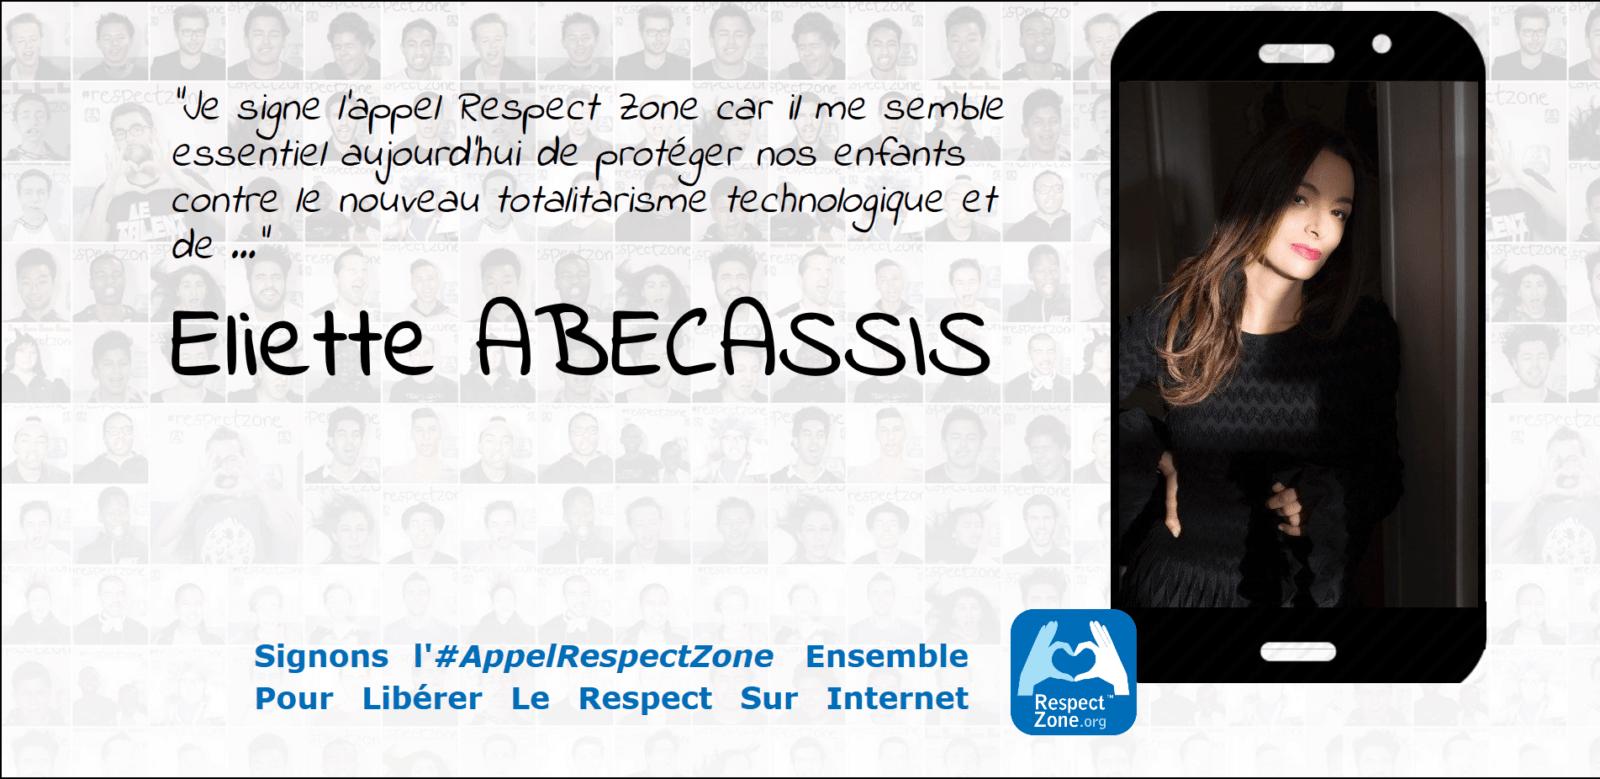 Eliette ABECASSIS